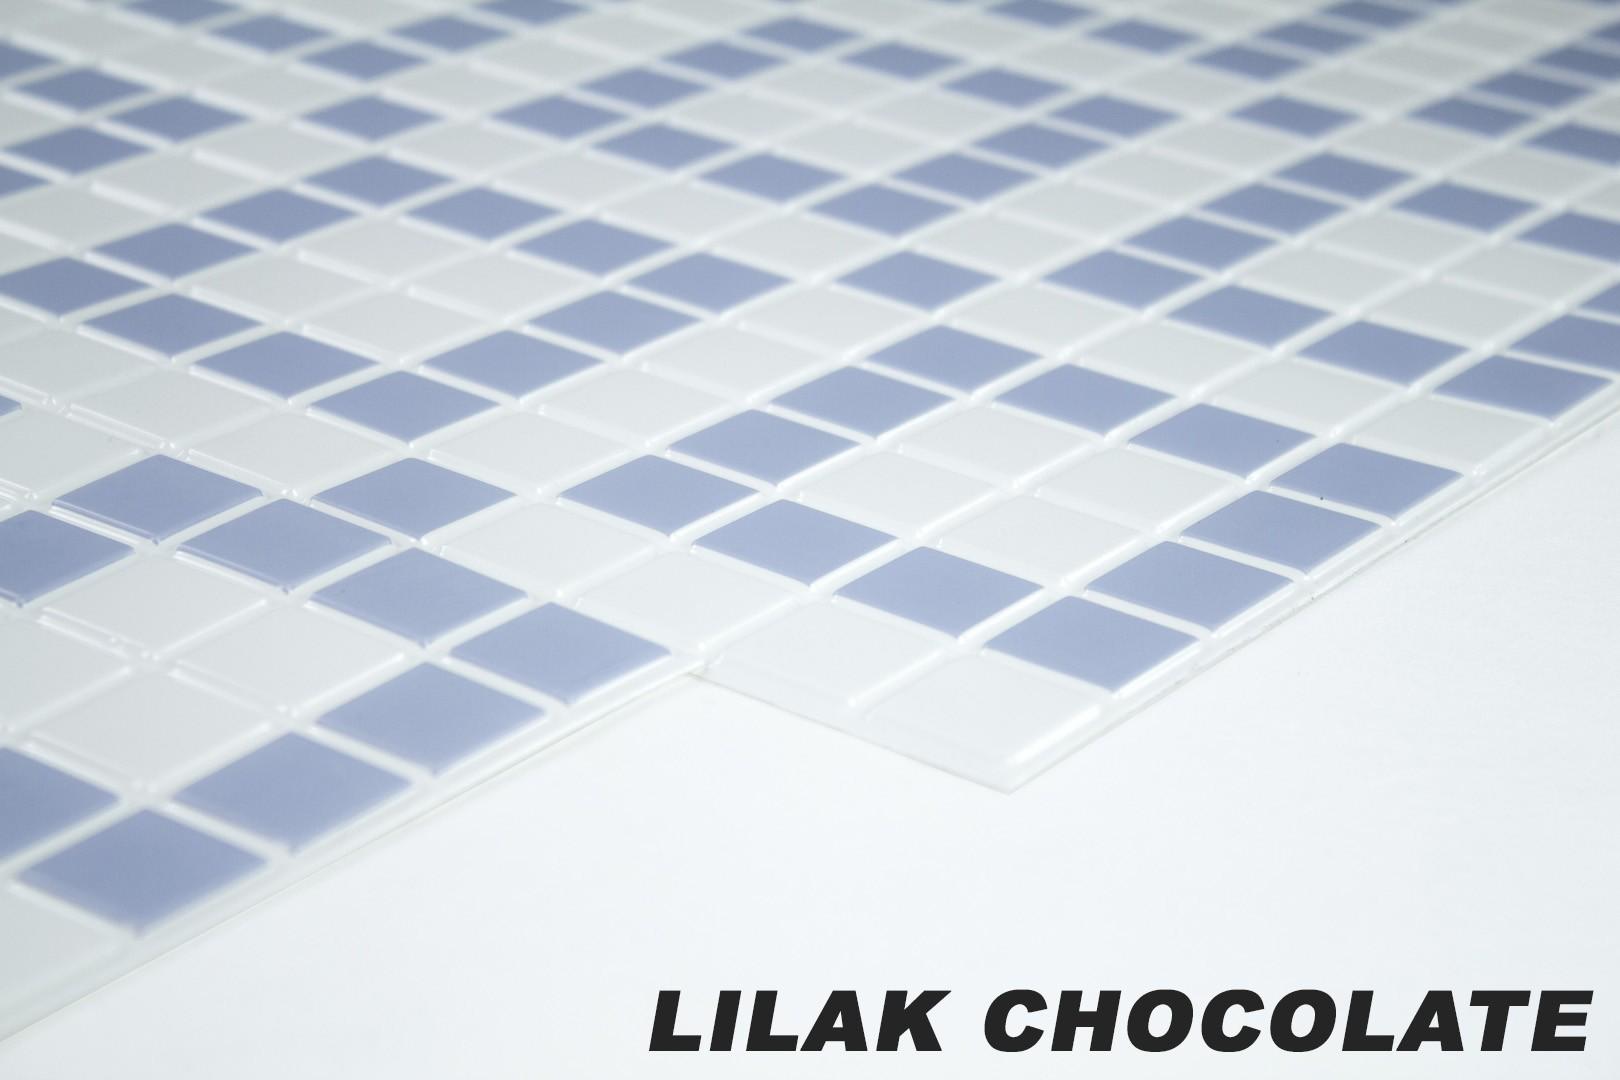 Lilak chocolate originalbild 1